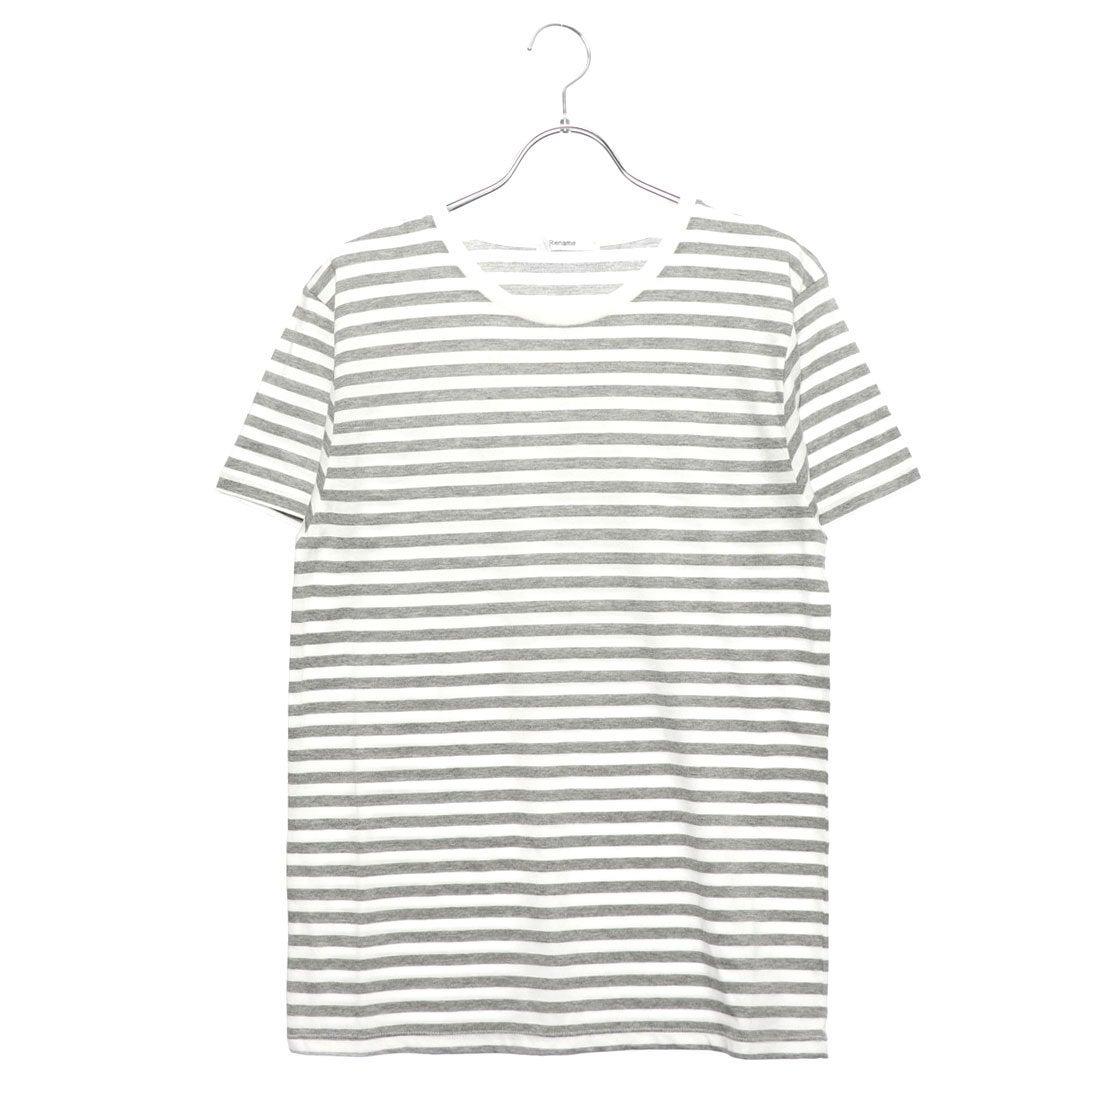 ロコンド 靴とファッションの通販サイトリネーム Rename クルーネックボーダーTシャツ (グレーxホワイト)